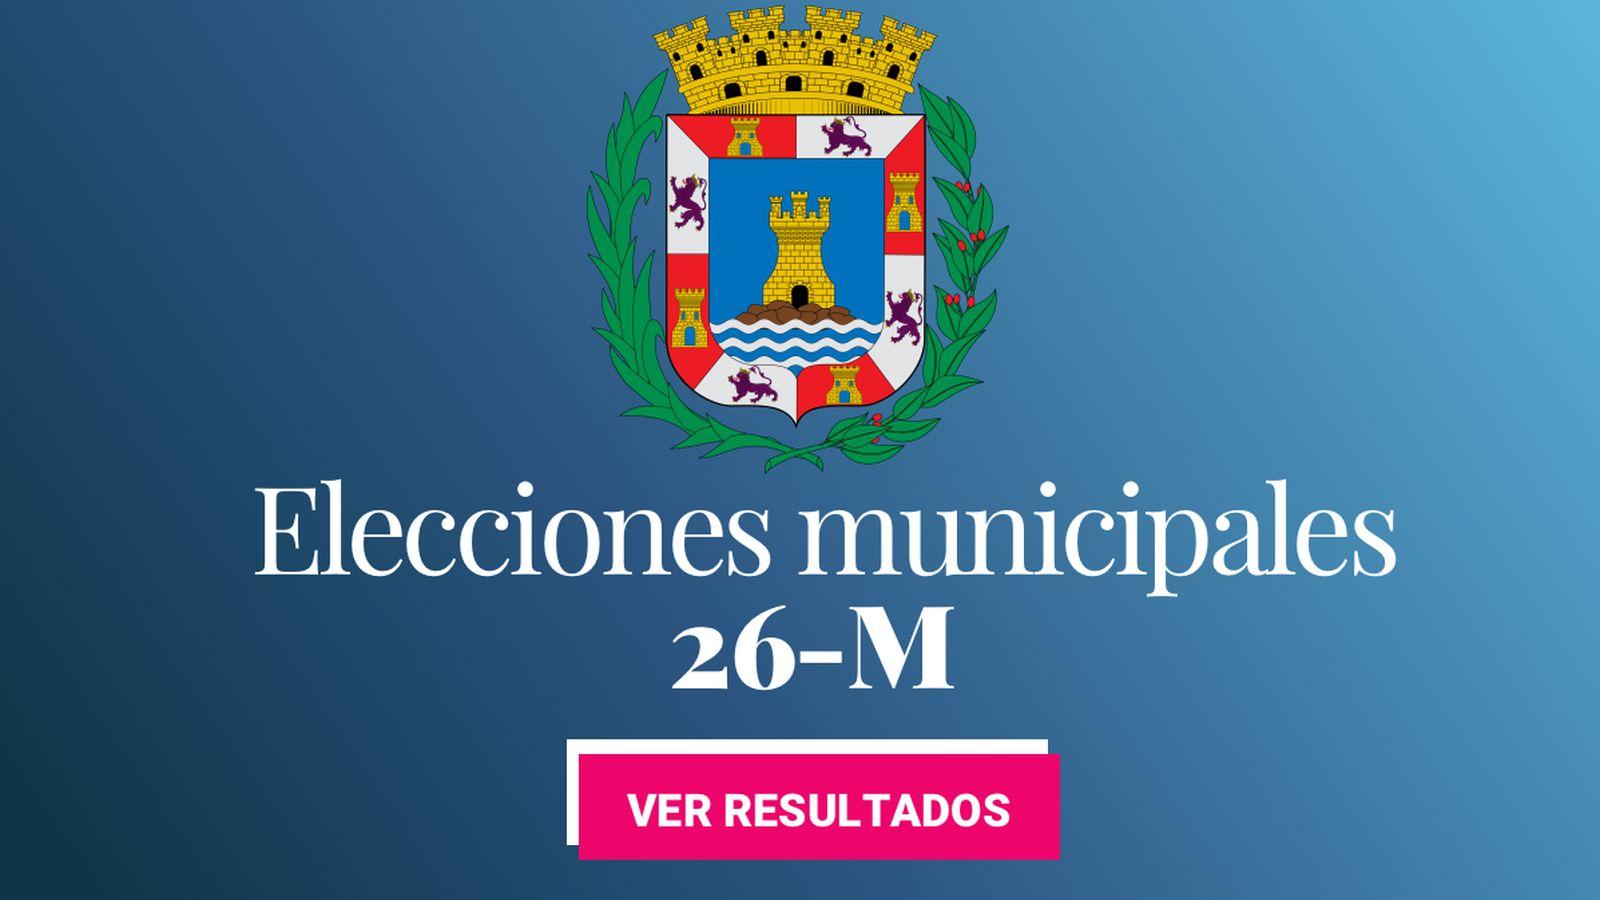 Foto: Elecciones municipales 2019 en Cartagena. (C.C./EC)